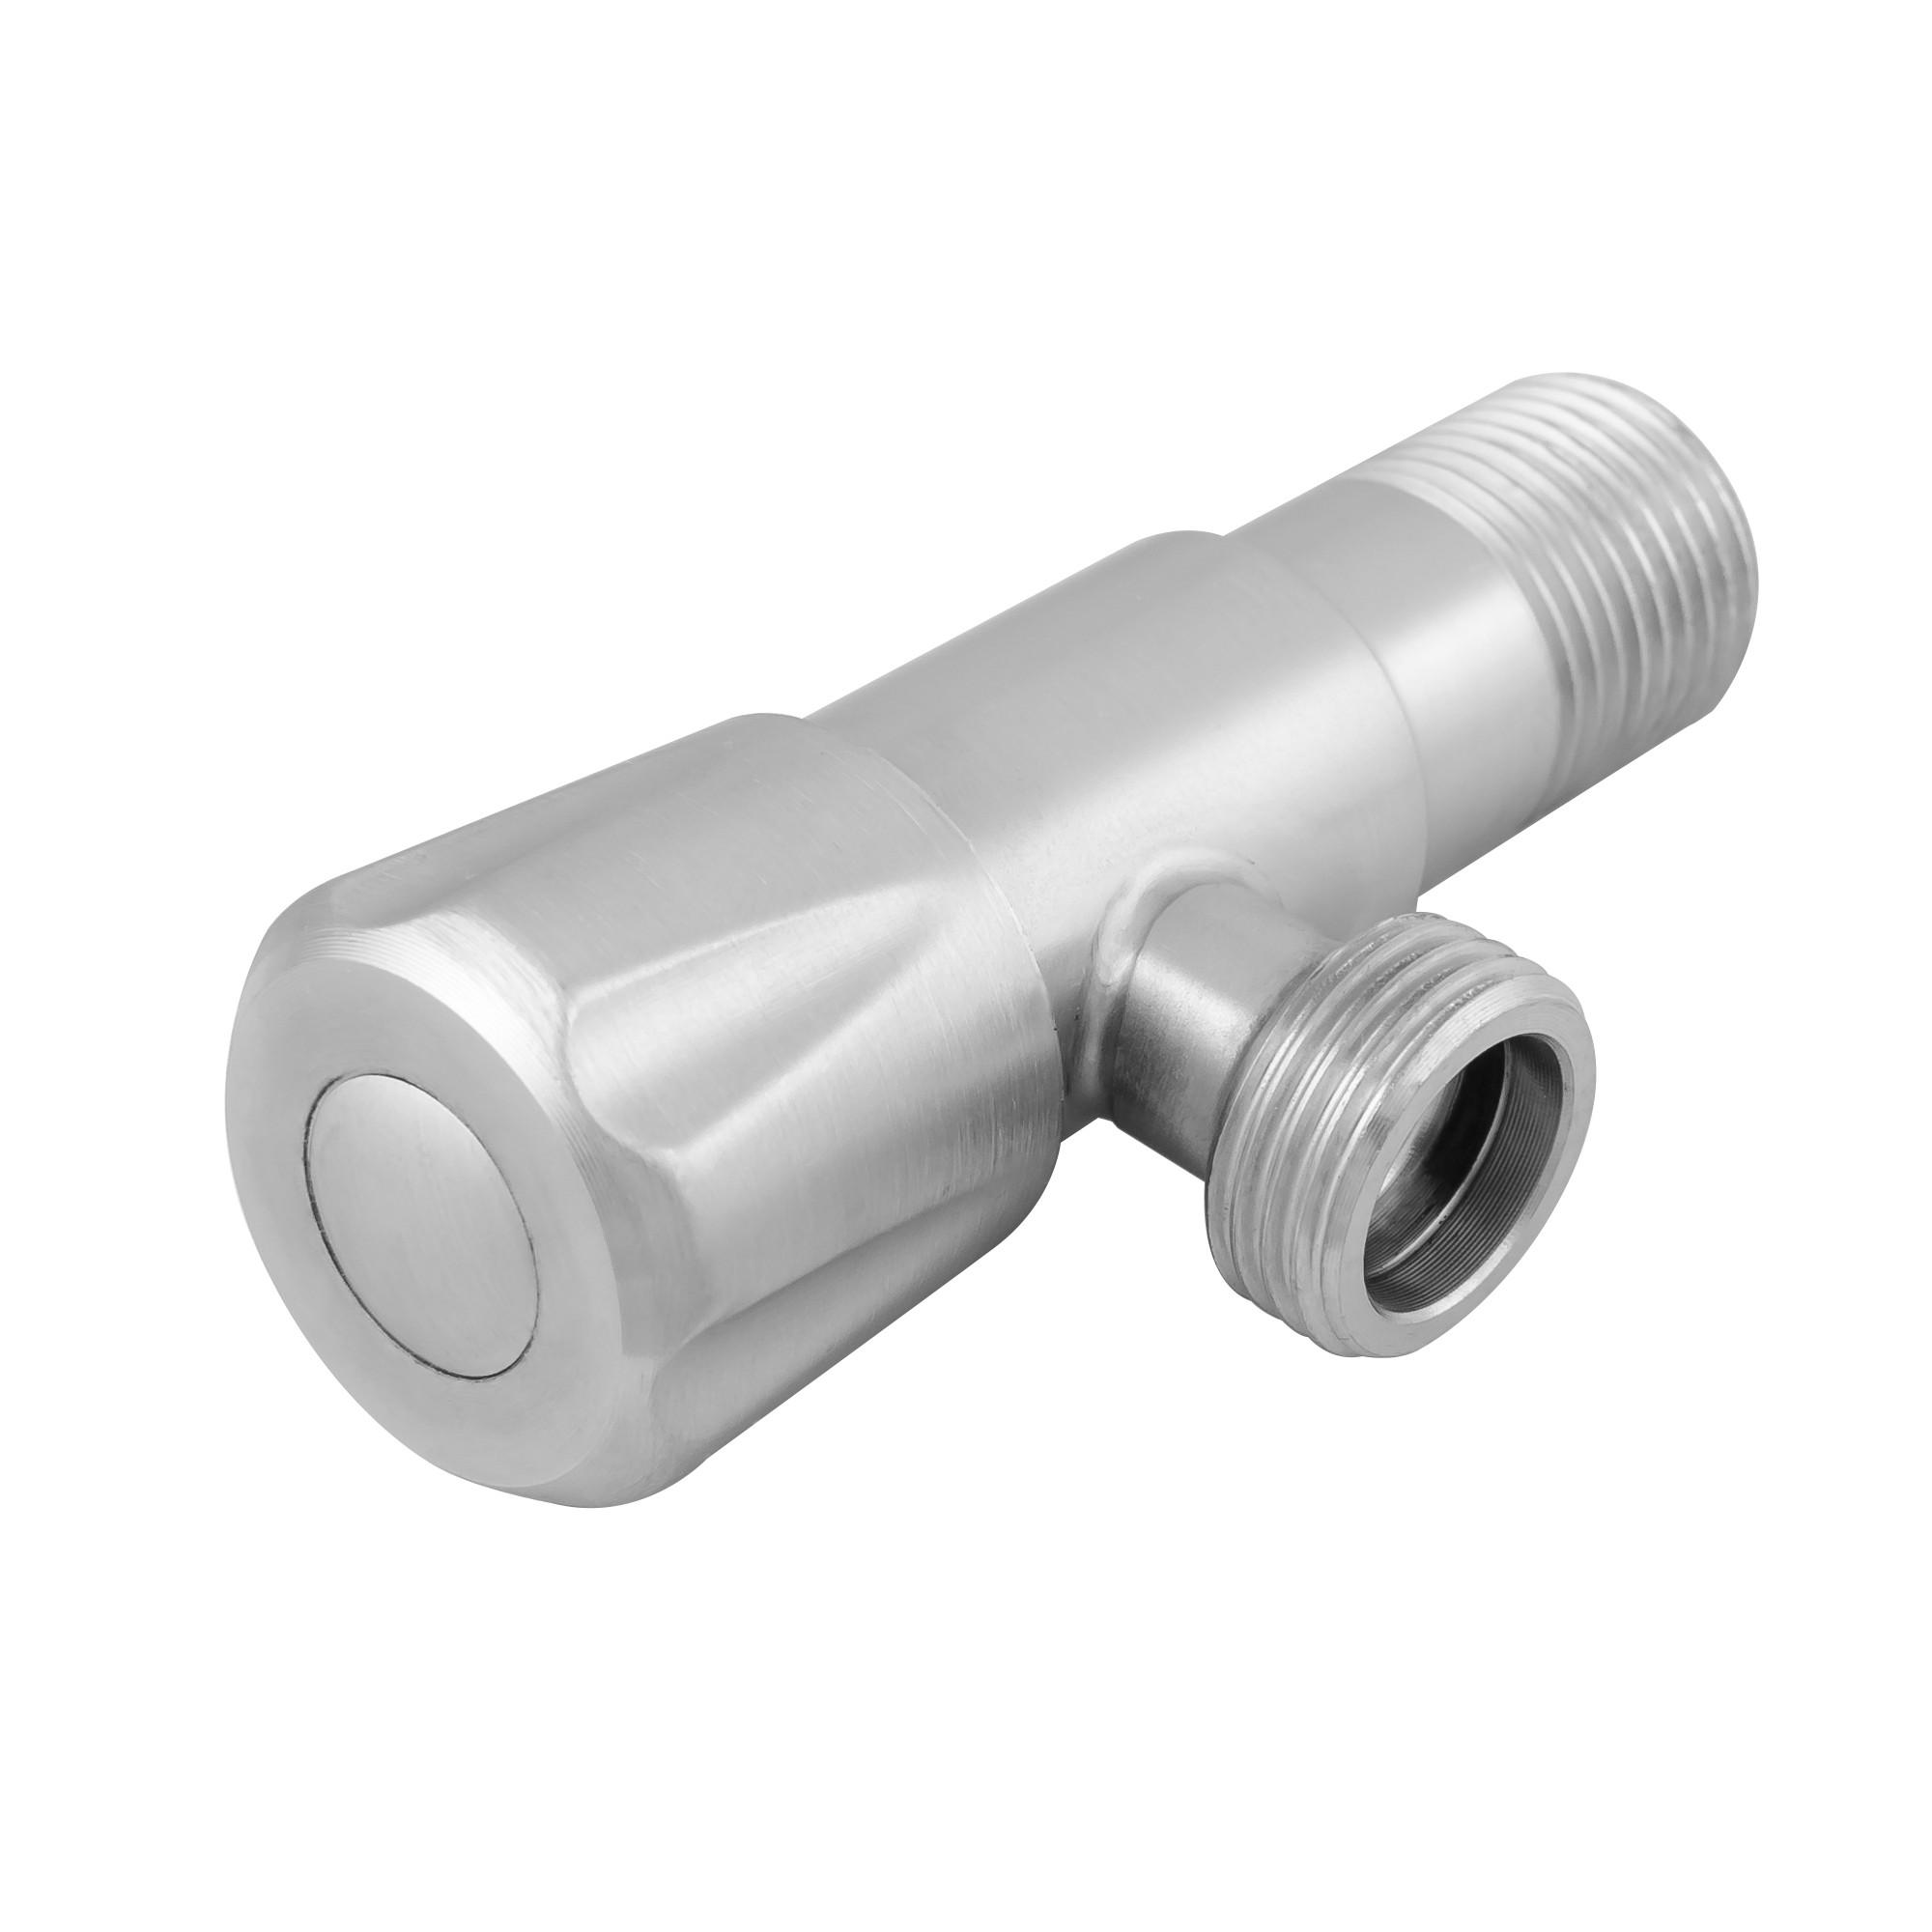 Кран угловой вентильный (приборный) 1/2н-1/2н нержавейка, (01) J.G.